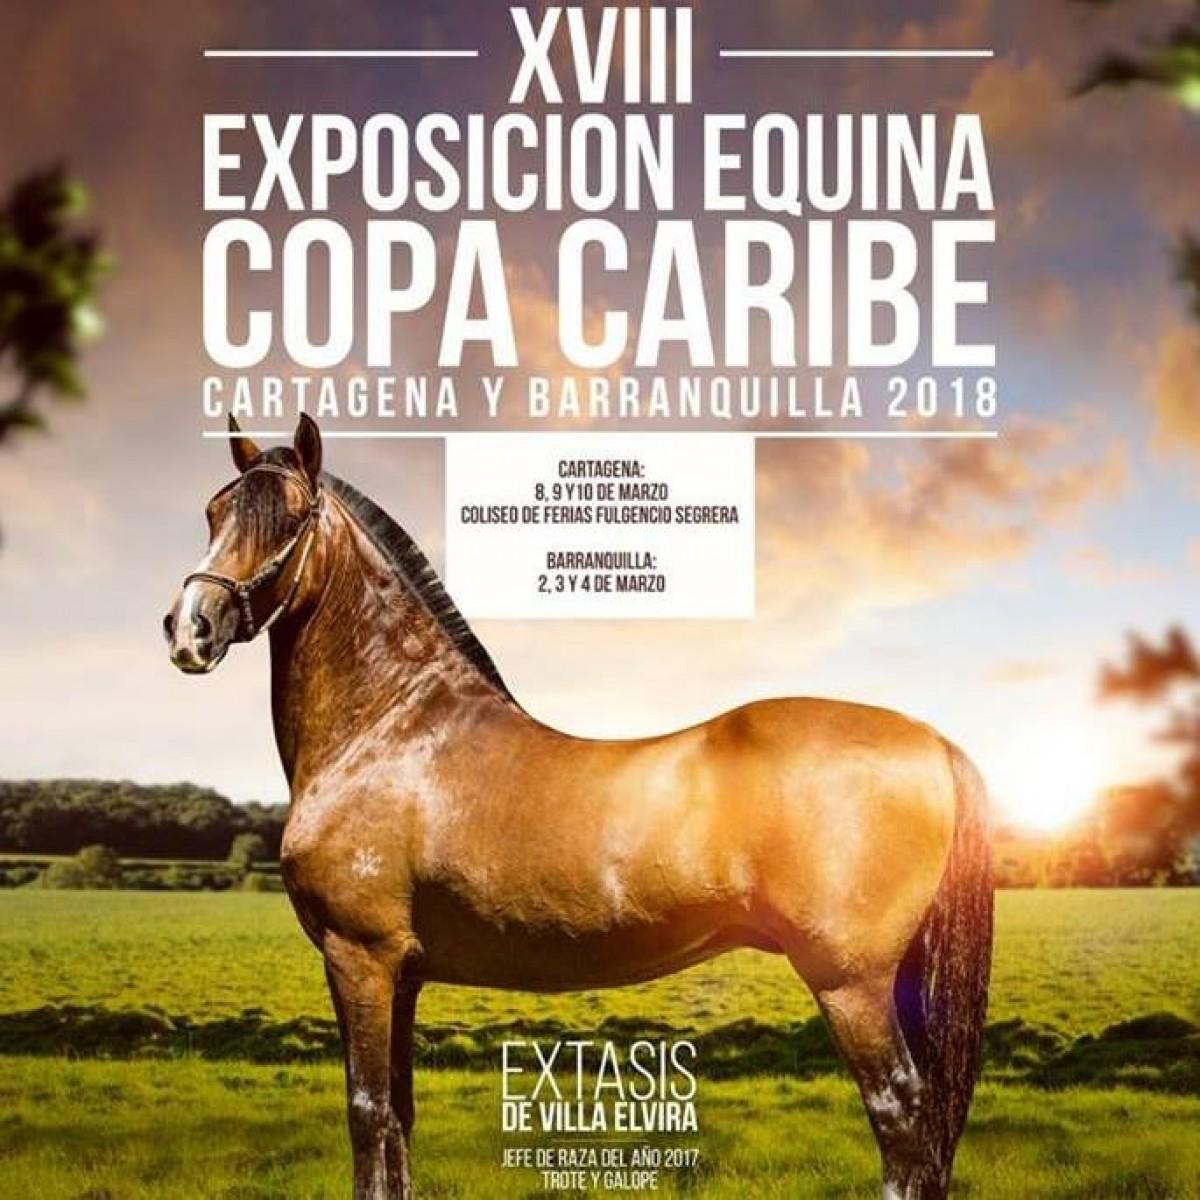 RESULTADOS XVIII Exposición Equina Copa Caribe Cartagena 2018 - TROCHA Y GALOPE!!